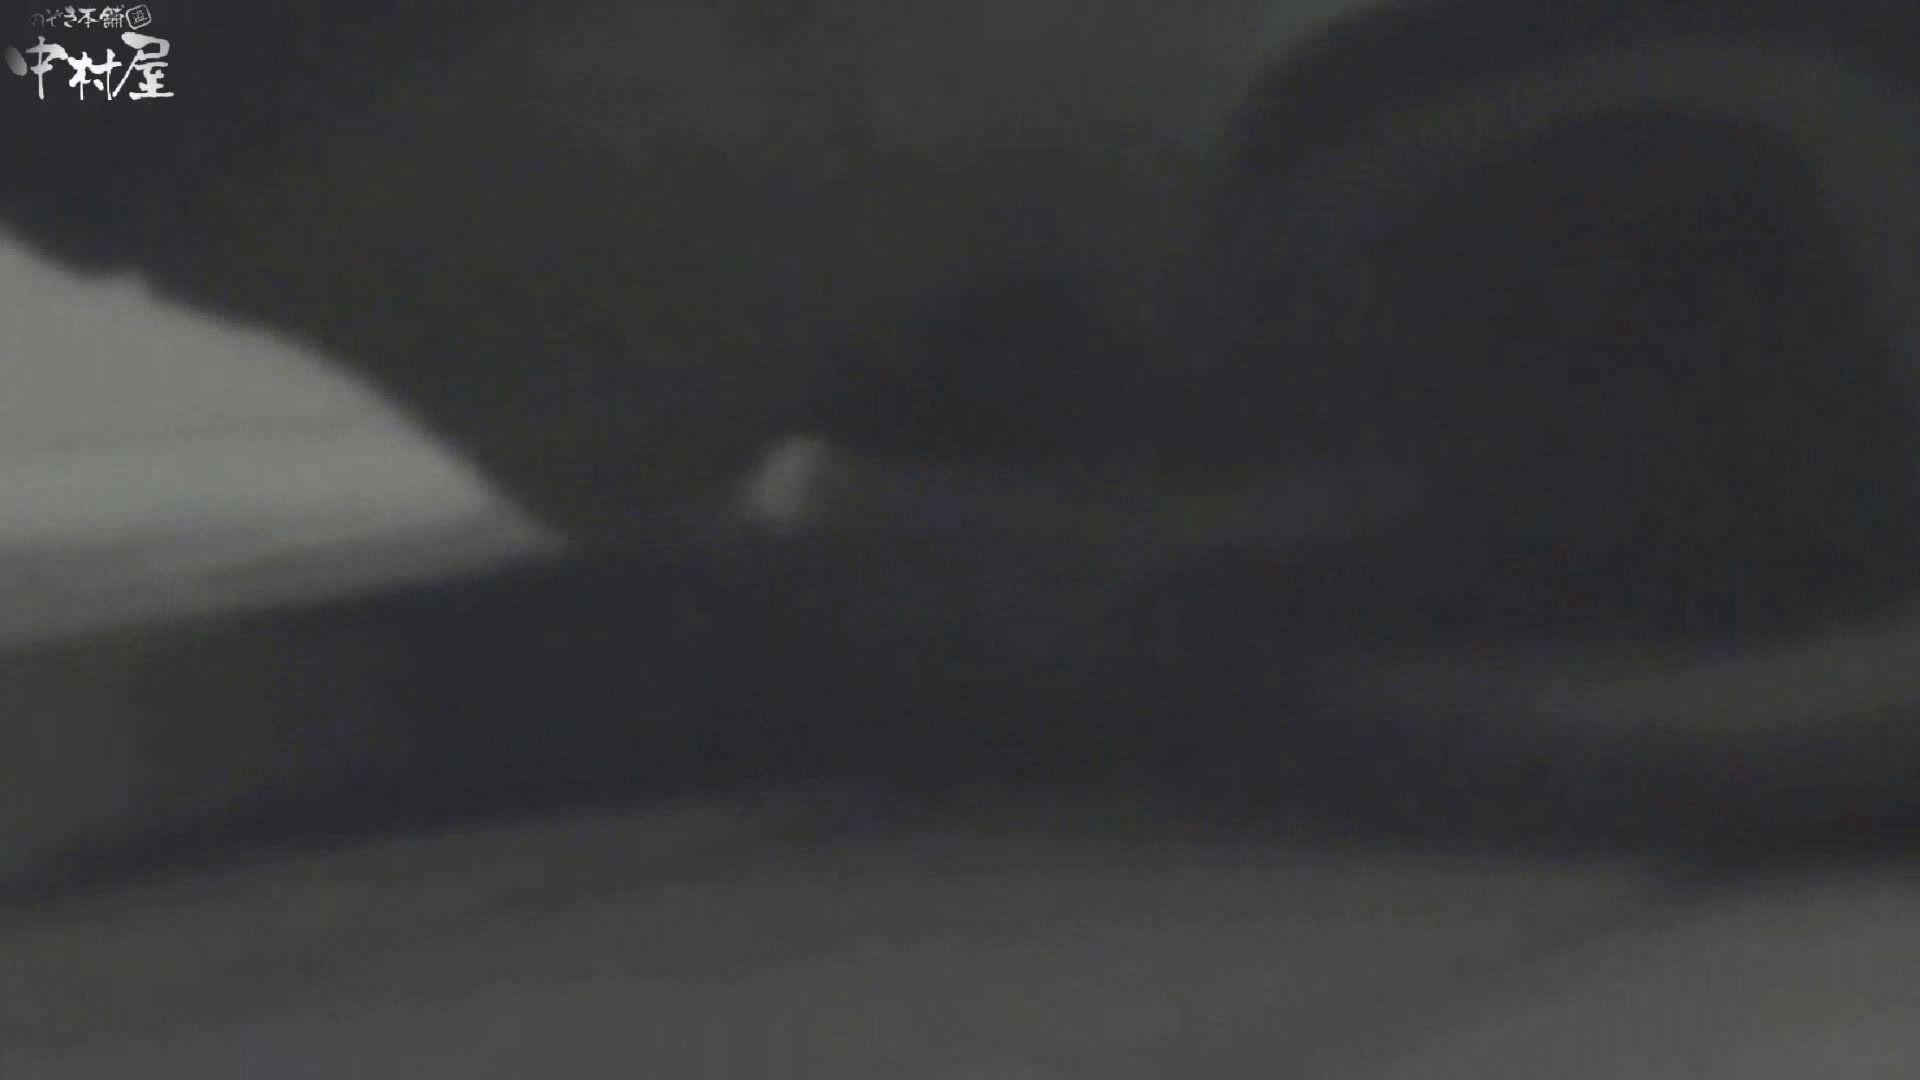 解禁!海の家4カメ洗面所vol.08 人気シリーズ | 洗面所  71pic 15